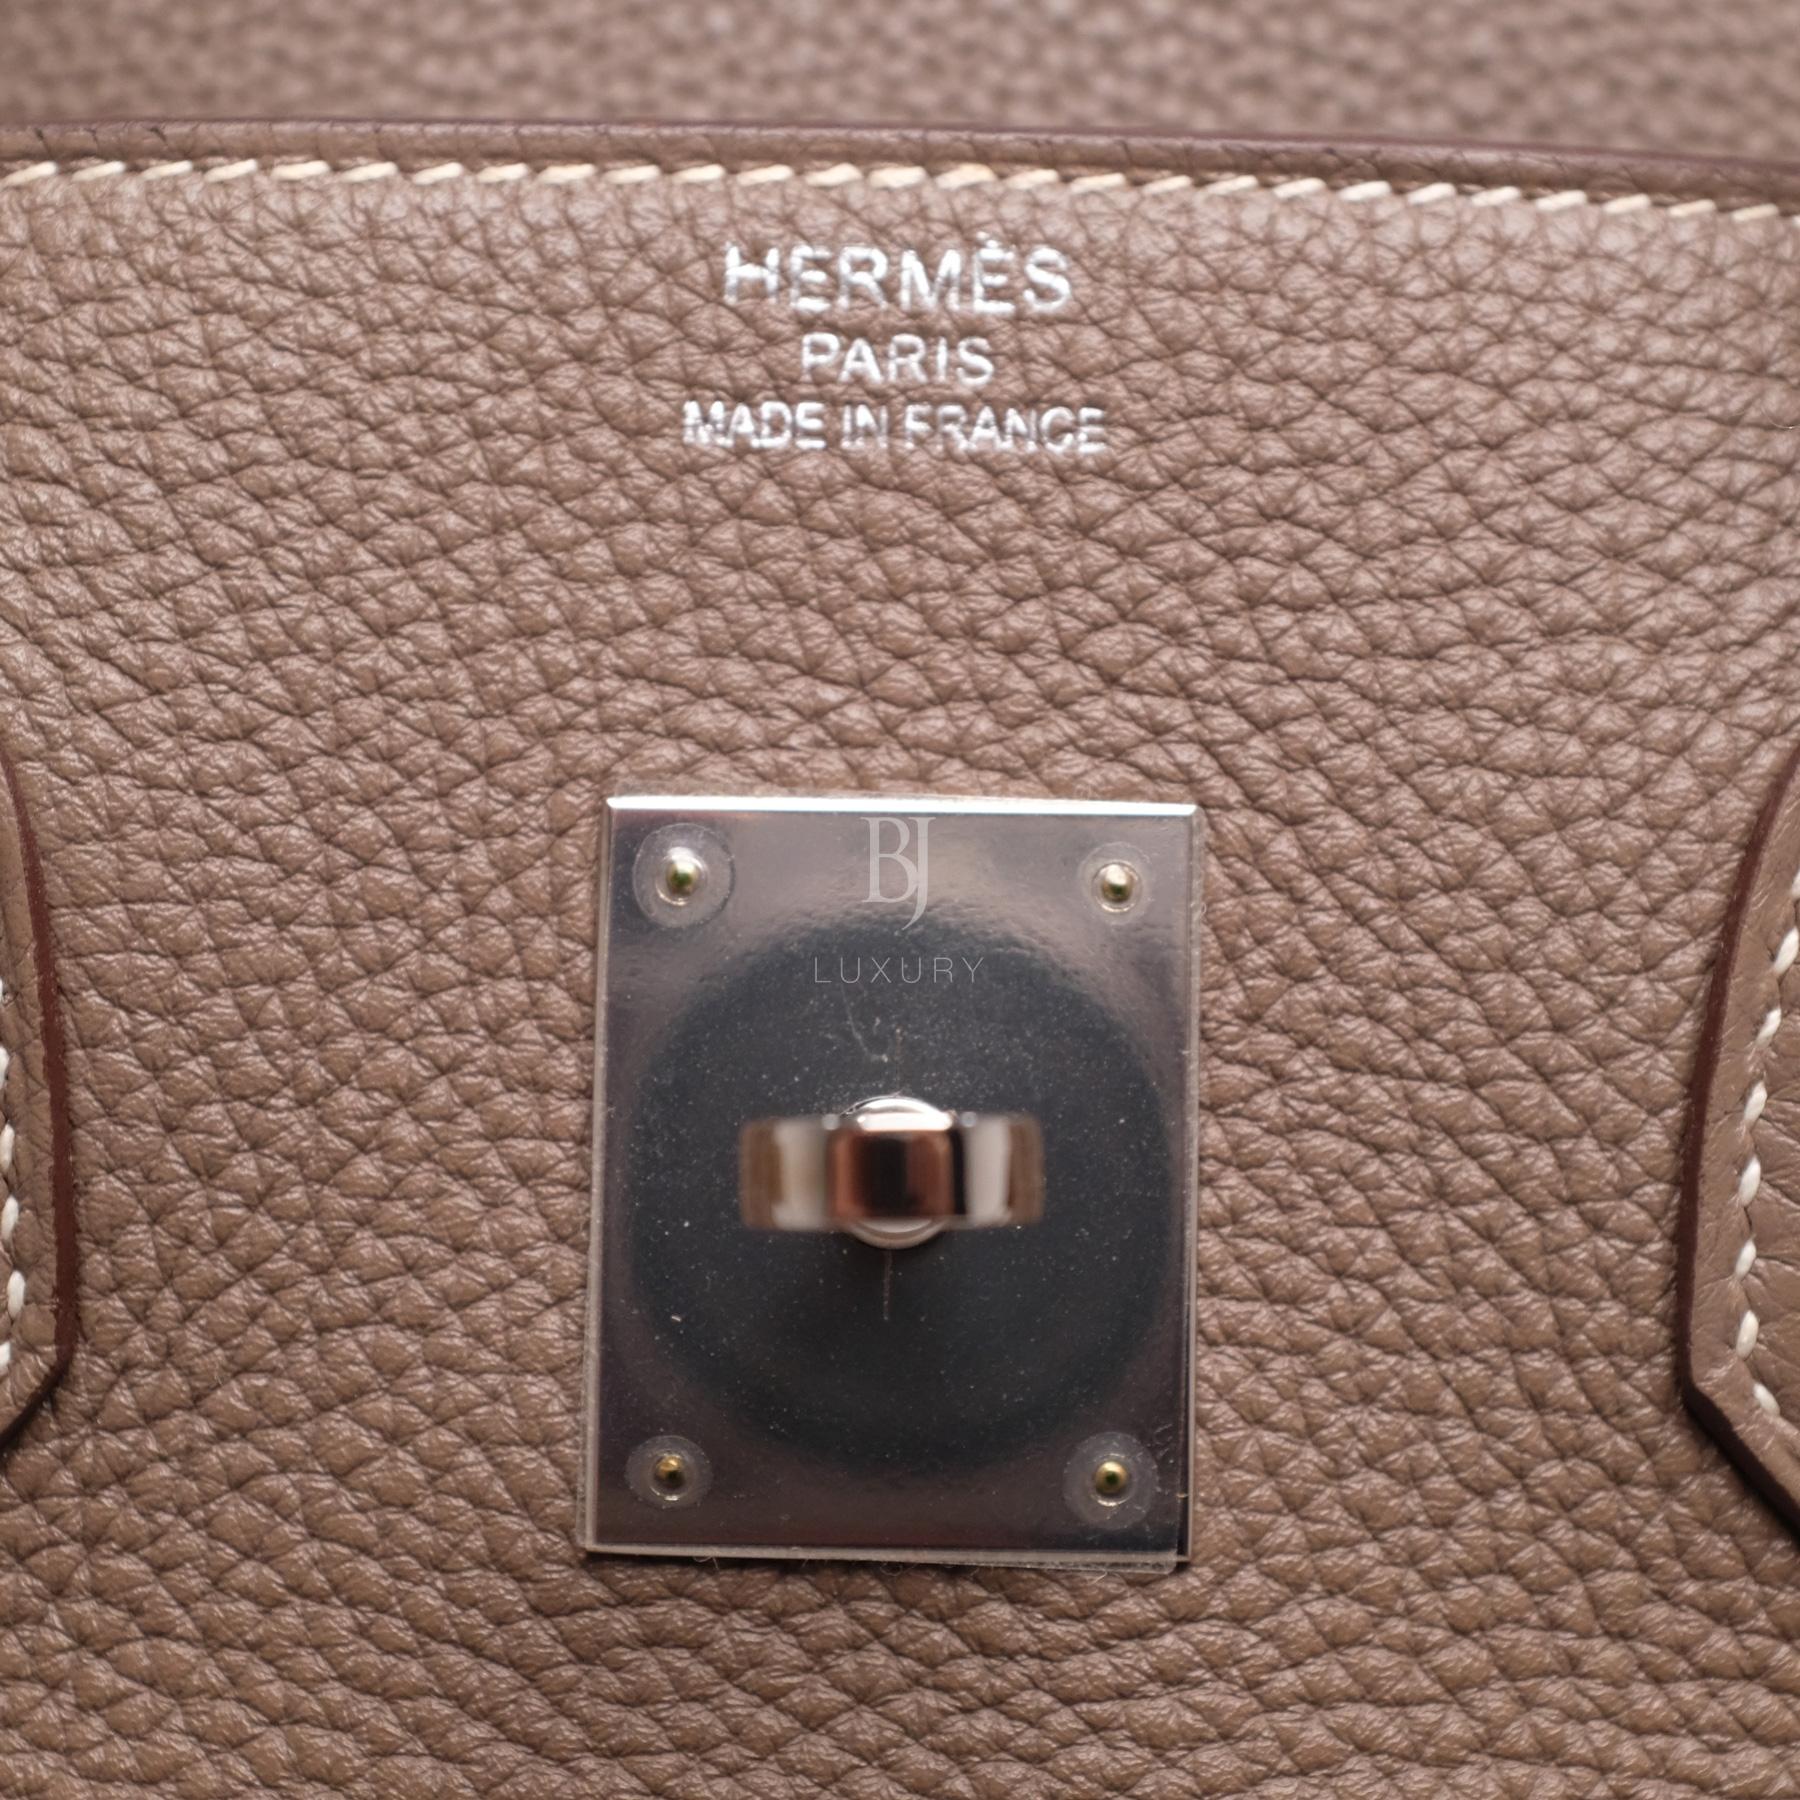 Hemes Birkin 35 Etoupe Palladium Togo BJ Luxury 13.jpg